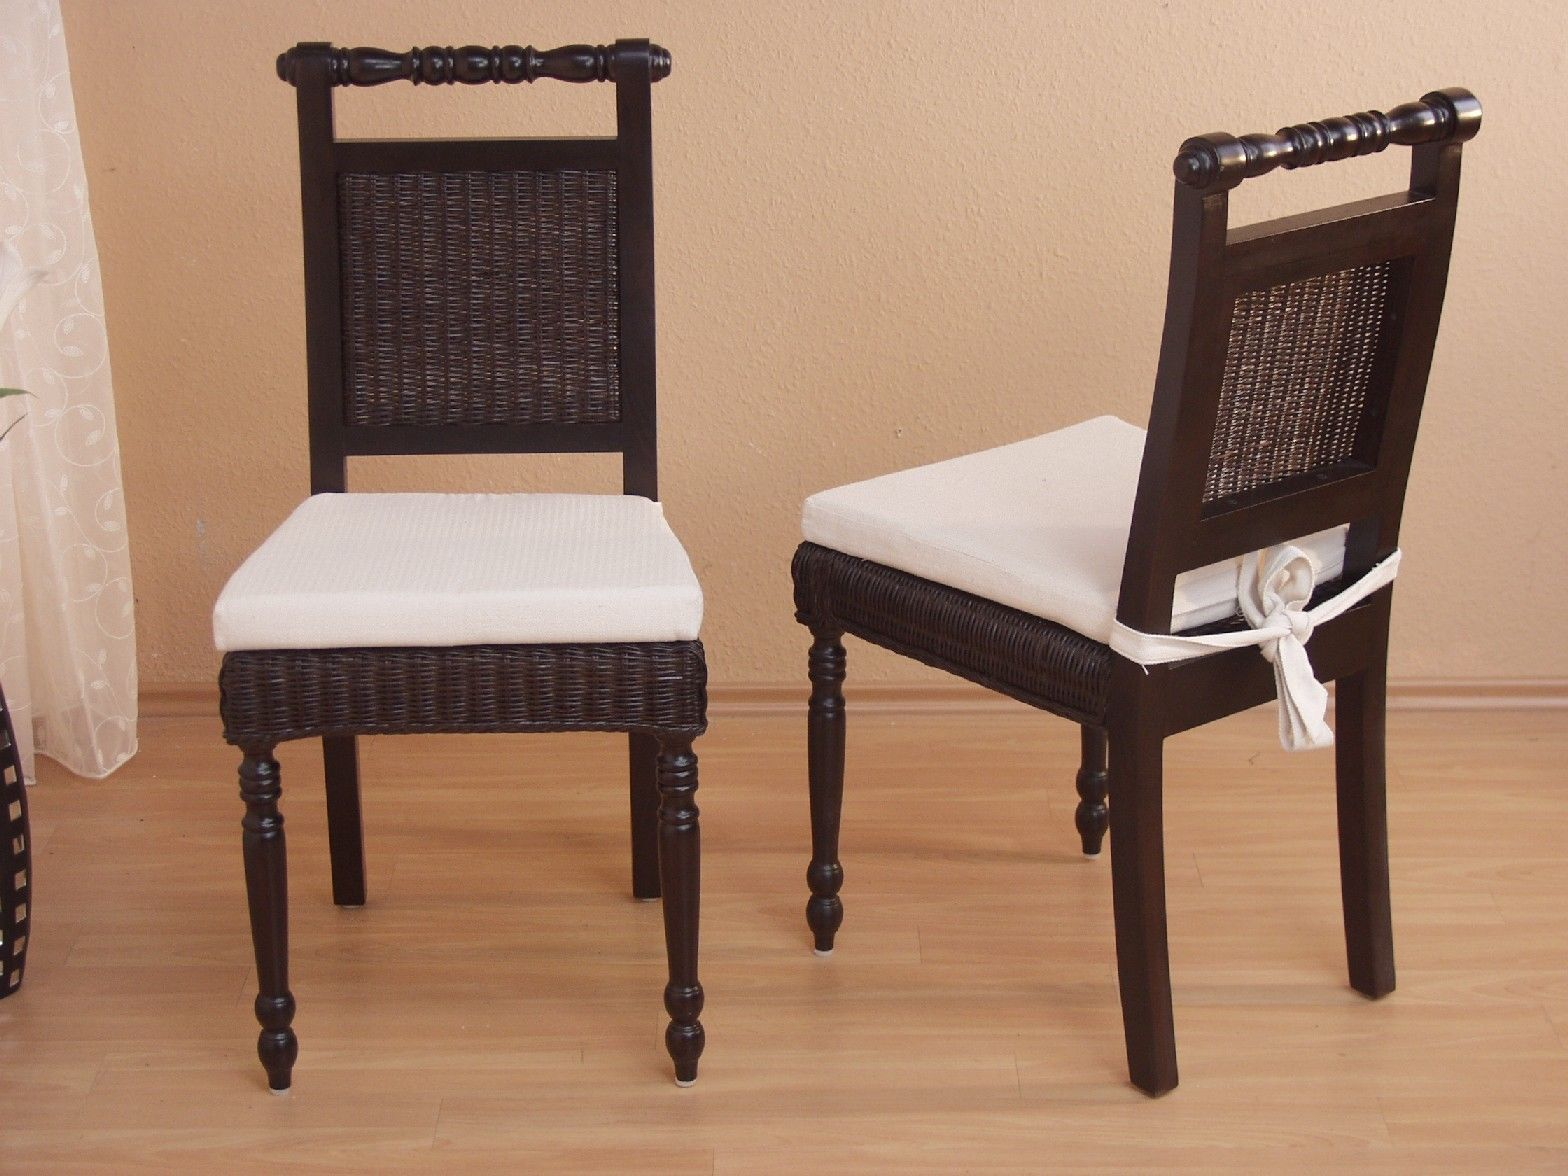 Esszimmerstühle modern braun  2 x Rattanstühle braun massivholz inkl. Kissen Esszimmerstühle ...